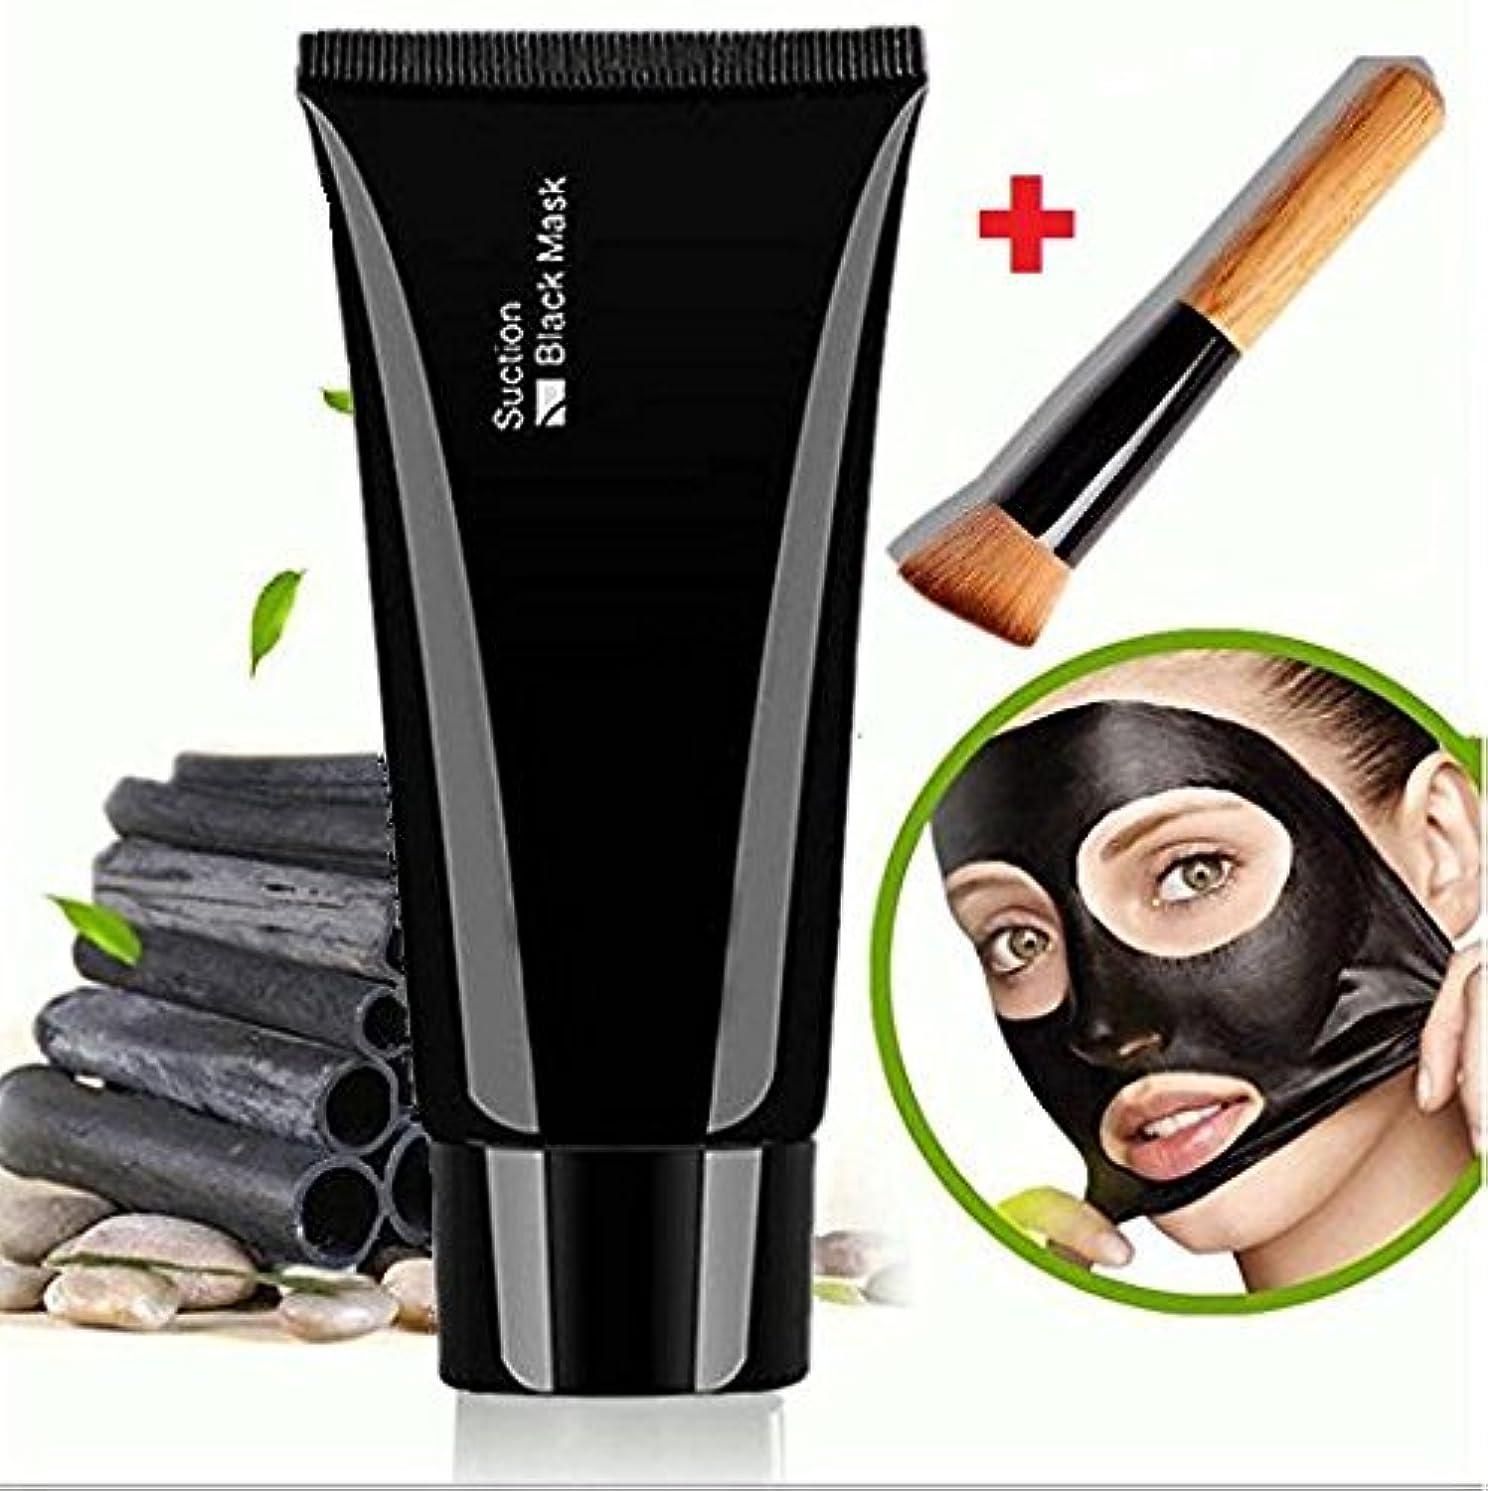 モードリンとげ突然Facial Mask Black, Face Apeel Cleansing Mask Deep Cleanser Blackhead Acne Remover Peel off Mask + Wooden Brush